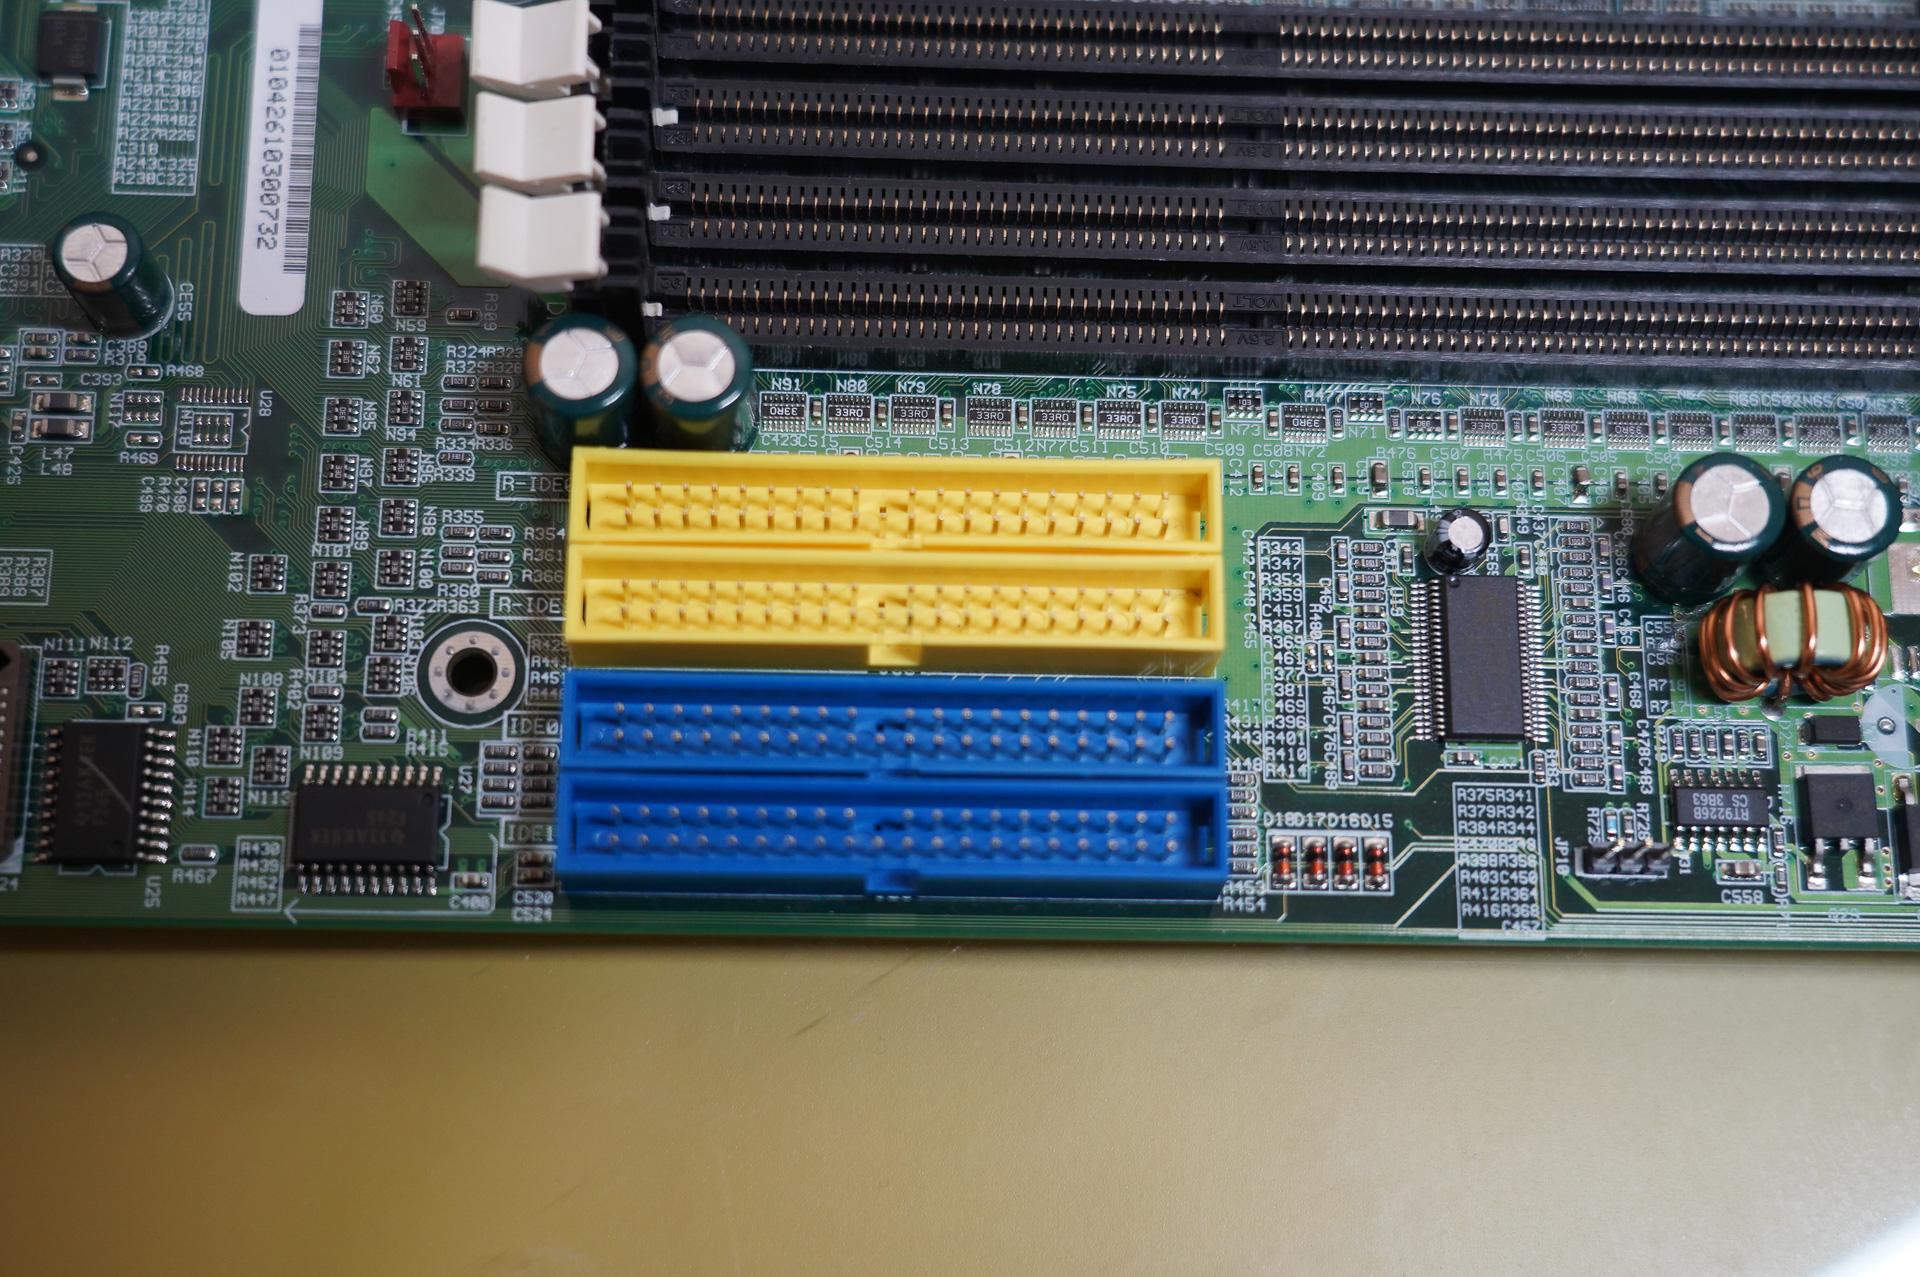 IDEコネクタ、上2つがRAID、下2つがサウスブリッジのIDEコントローラに接続されている